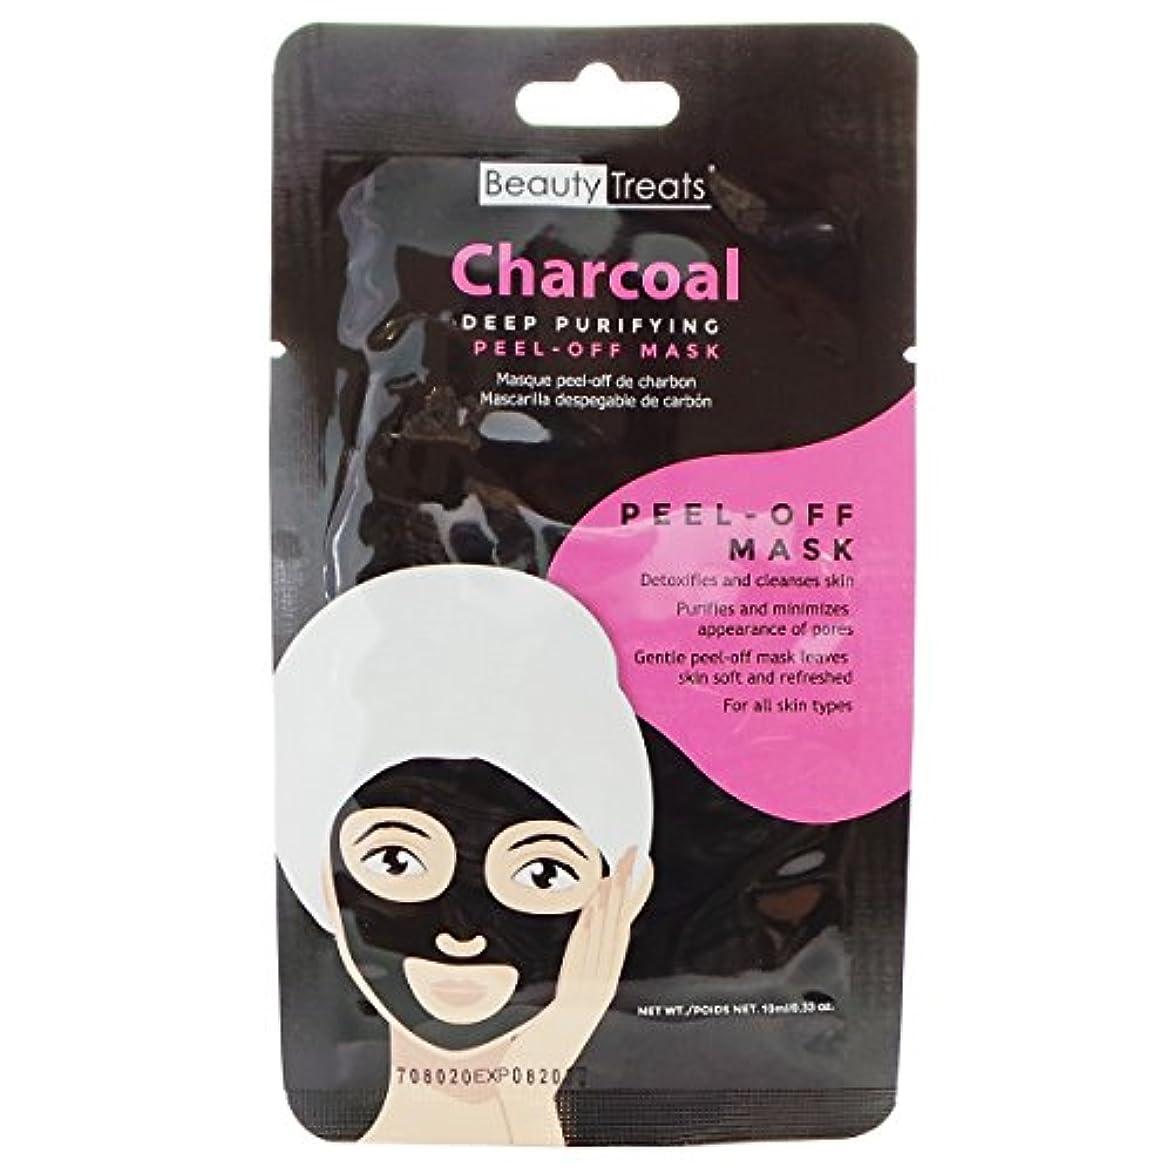 災害メディック学校の先生(6 Pack) BEAUTY TREATS Deep Purifying Peel-Off Charcoal Mask (並行輸入品)